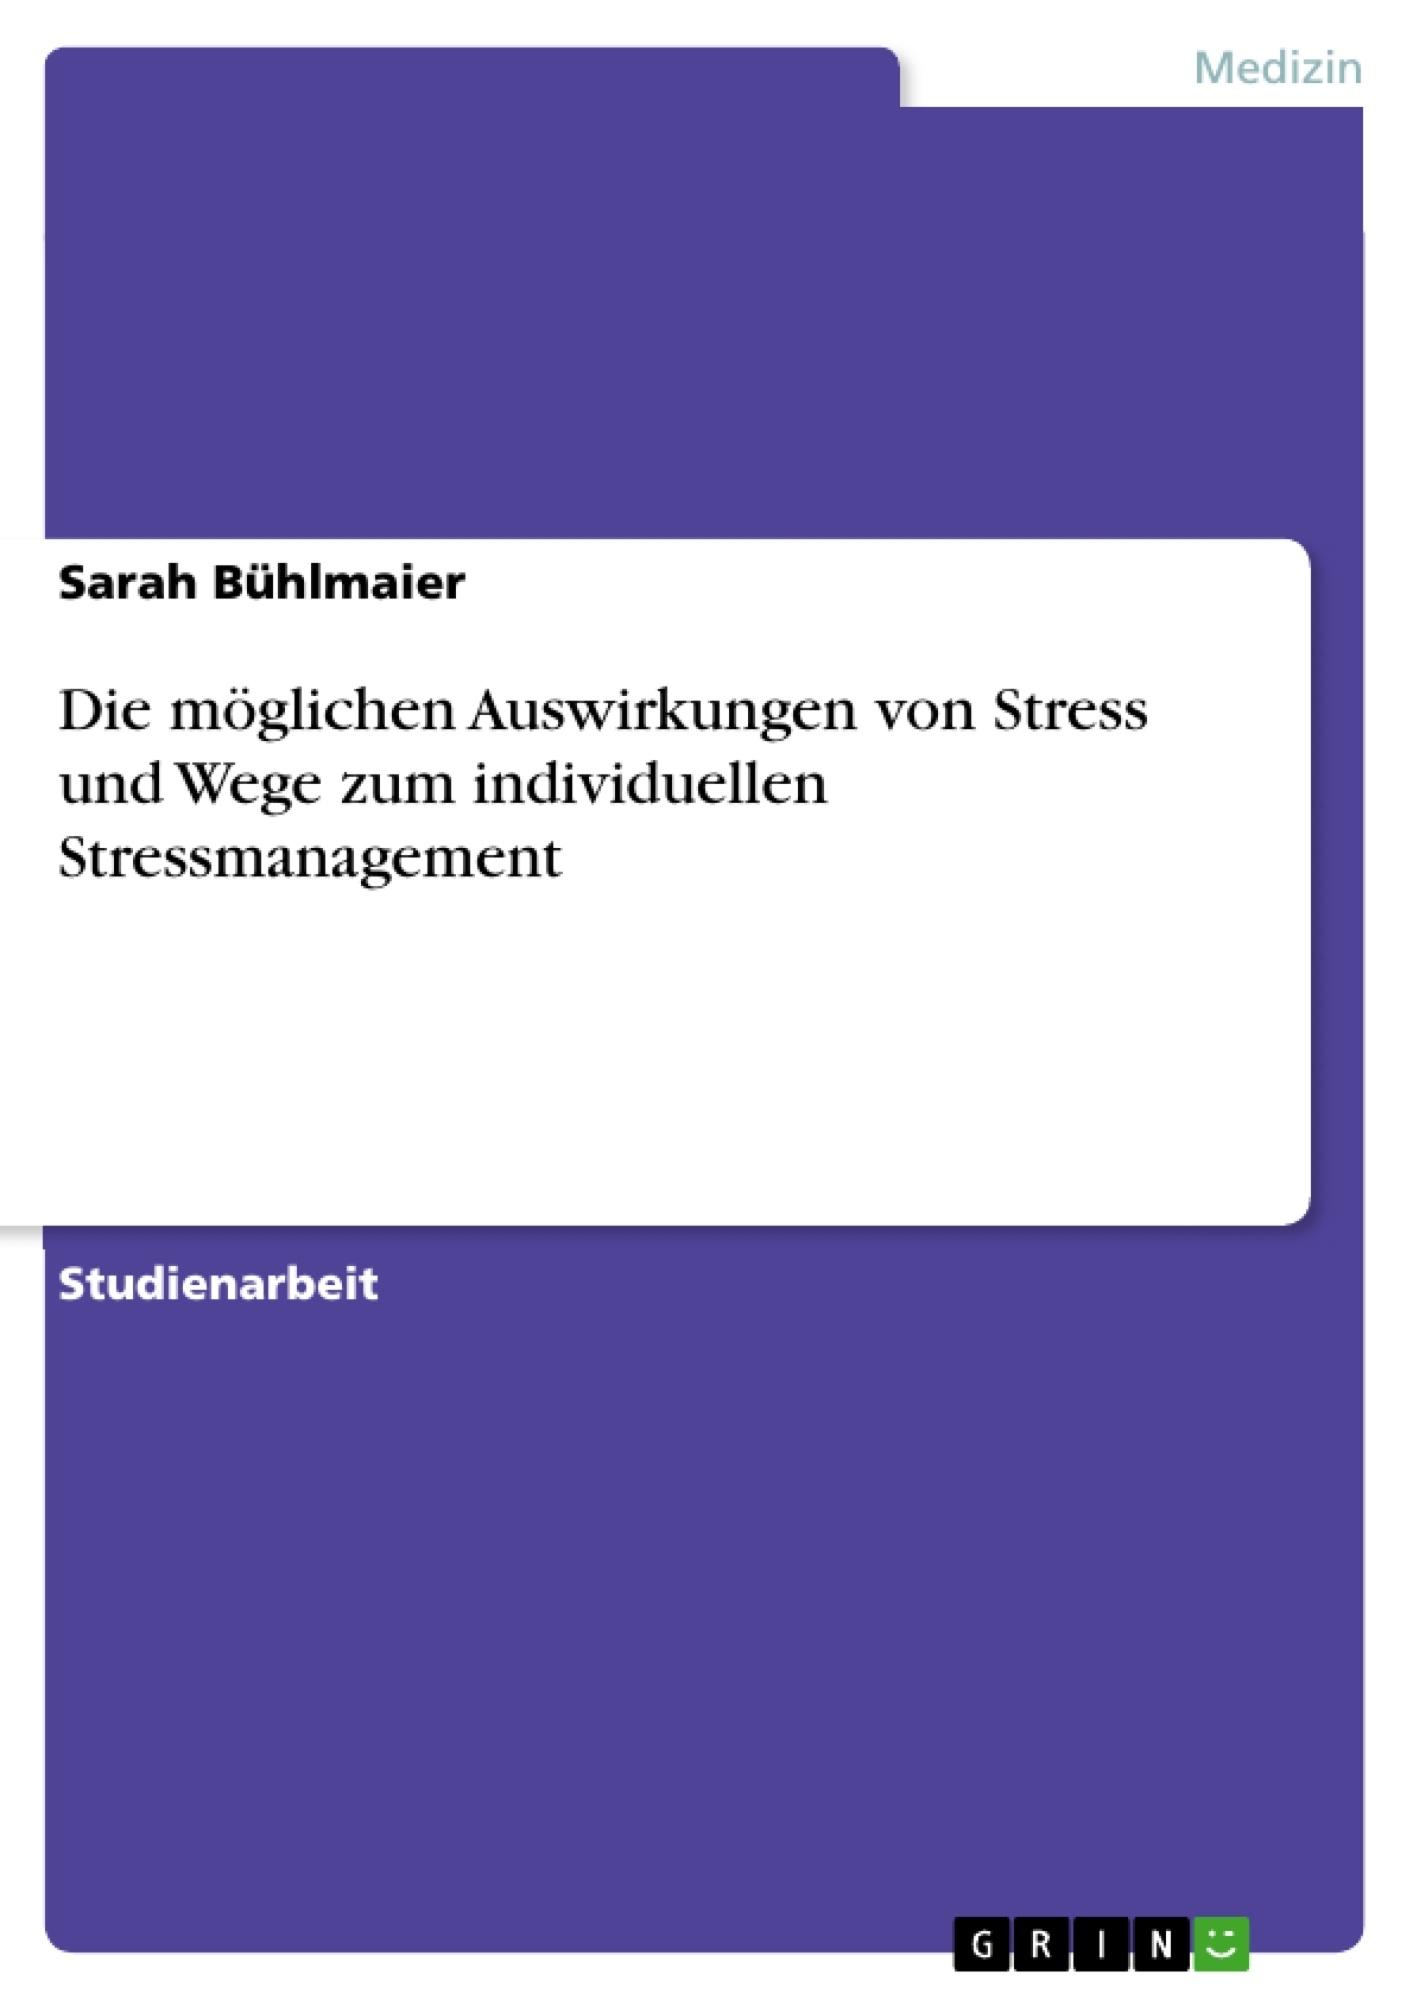 Titel: Die möglichen Auswirkungen von Stress und Wege zum individuellen Stressmanagement